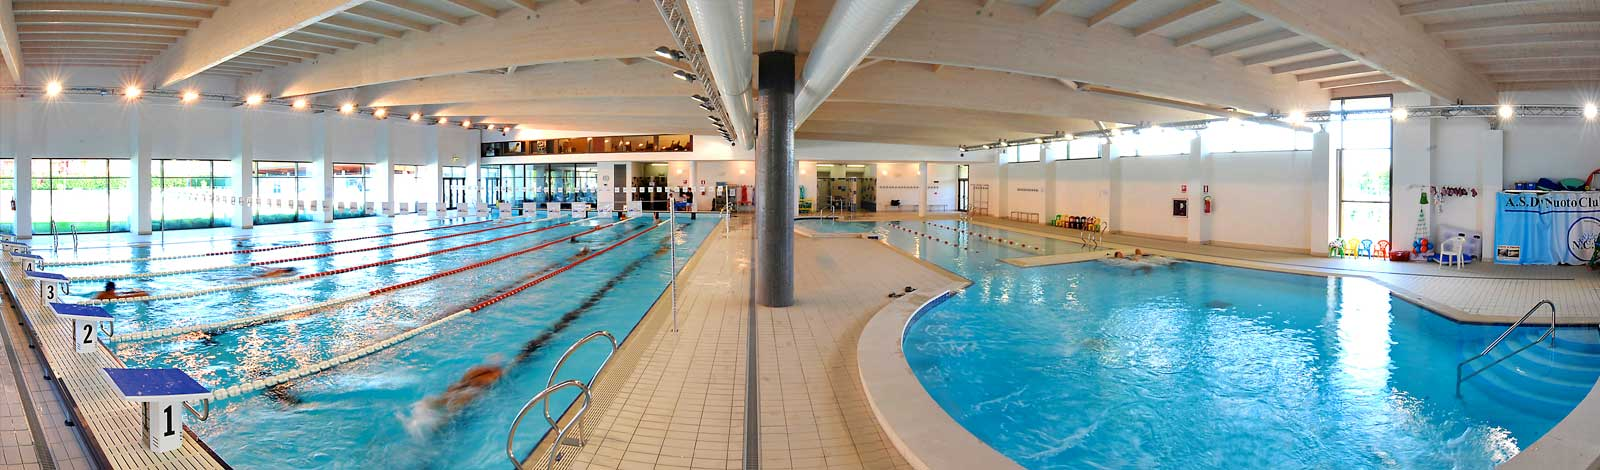 Centro nuoto castiglione delle siviere mantova piscina - Piscina castiglione ...